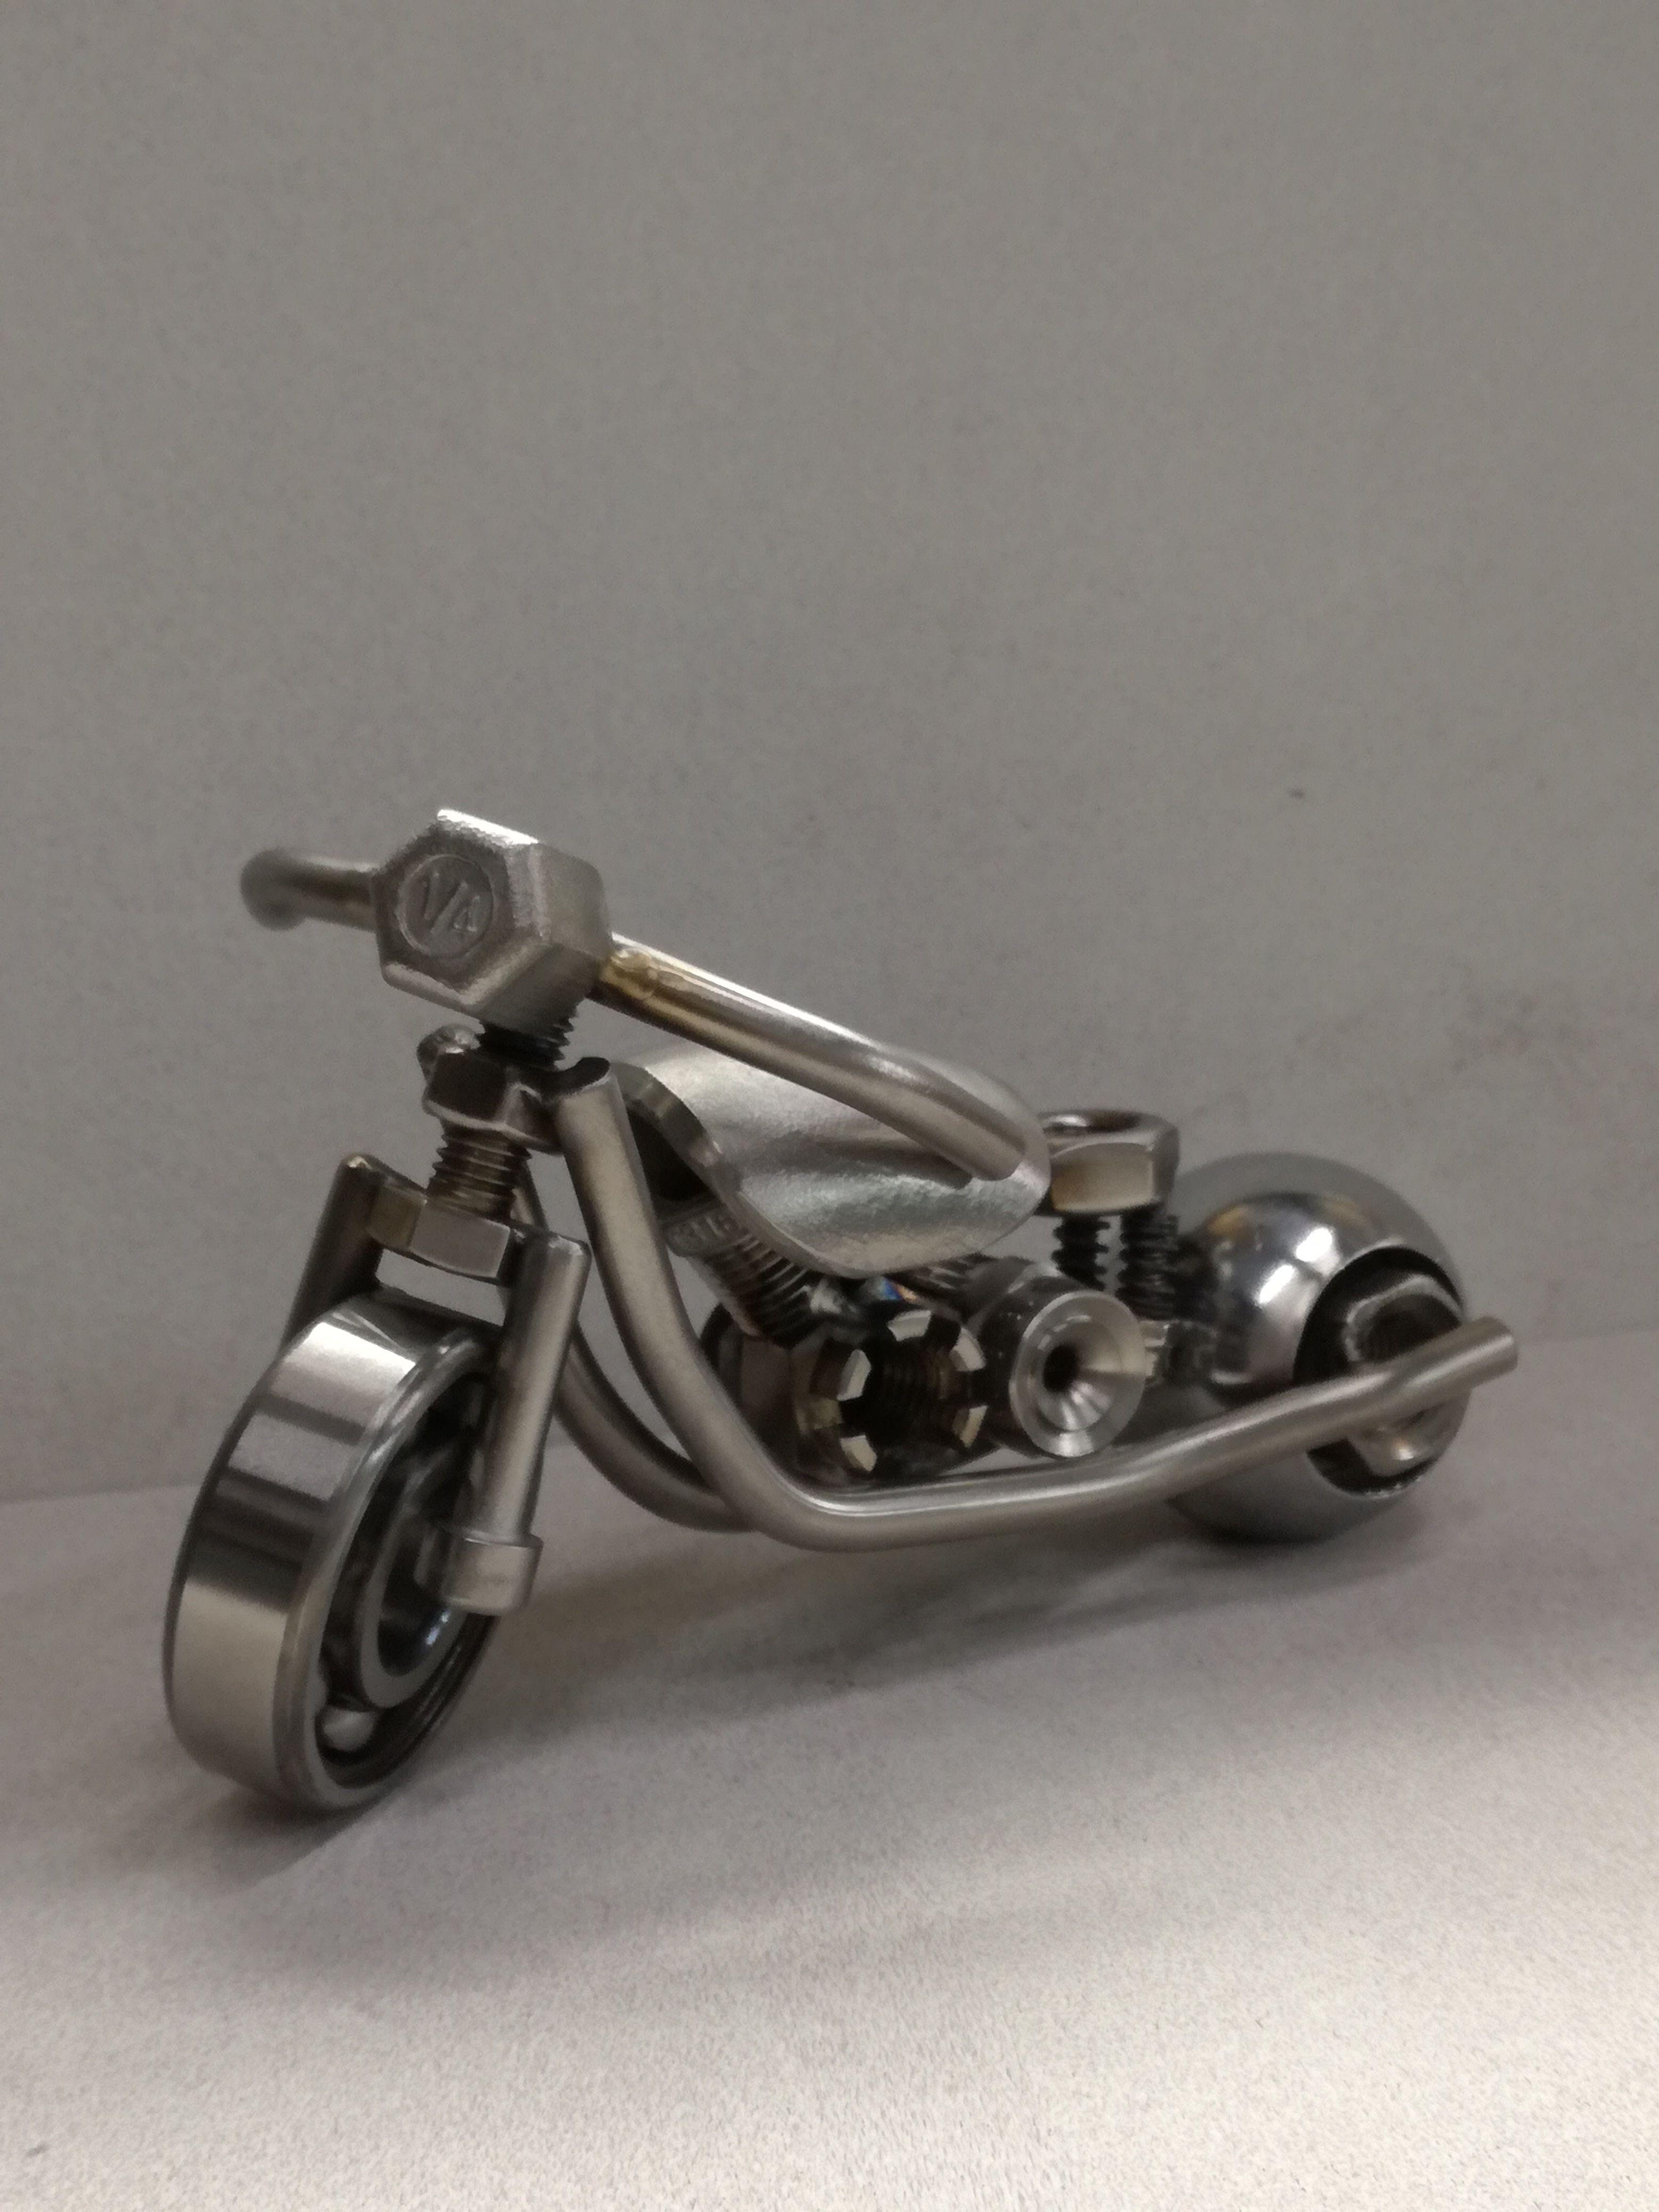 Harley del motor modelo decoración de estaño altura 9cm